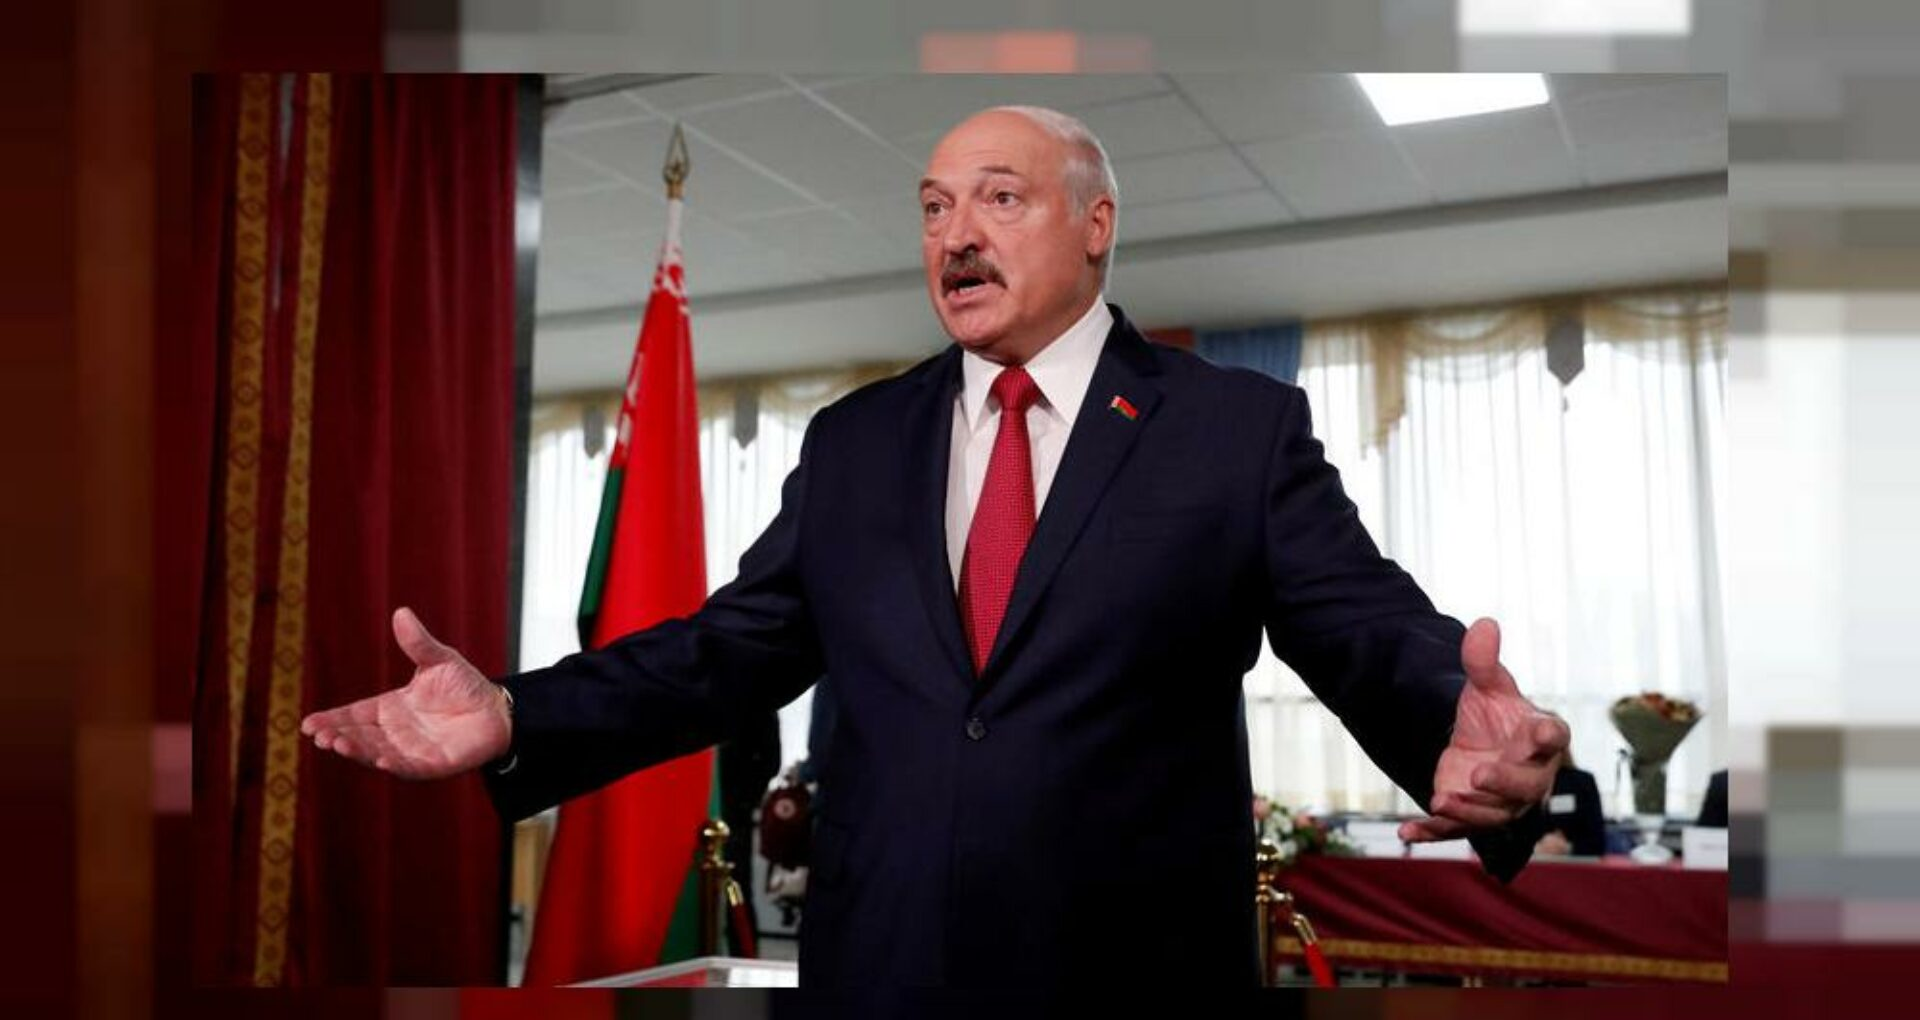 UE condamnă lipsa de dialog a autorităților din Belarus și ia atitudine. Aleksandr Lukashenko va fi inclus pe lista de sancțiuni europene